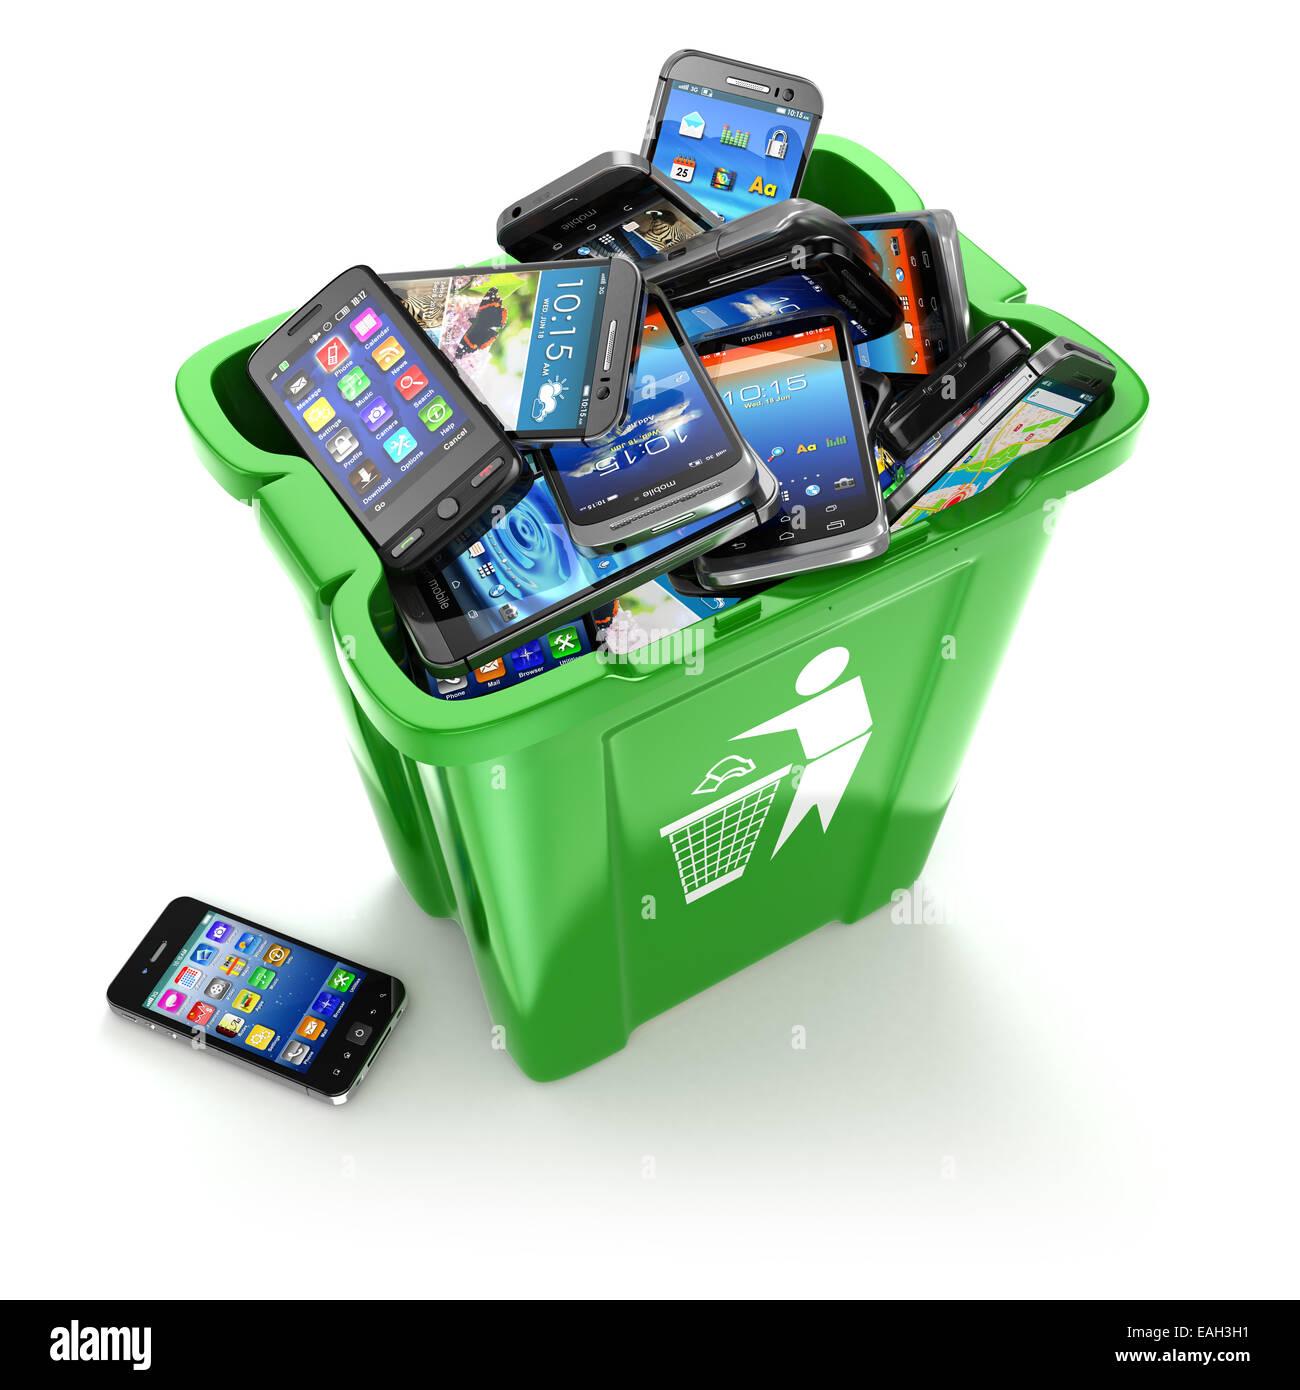 Mobiltelefone im Papierkorb können isolierten auf weißen Hintergrund. Nutzungskonzept für Handys. Stockbild